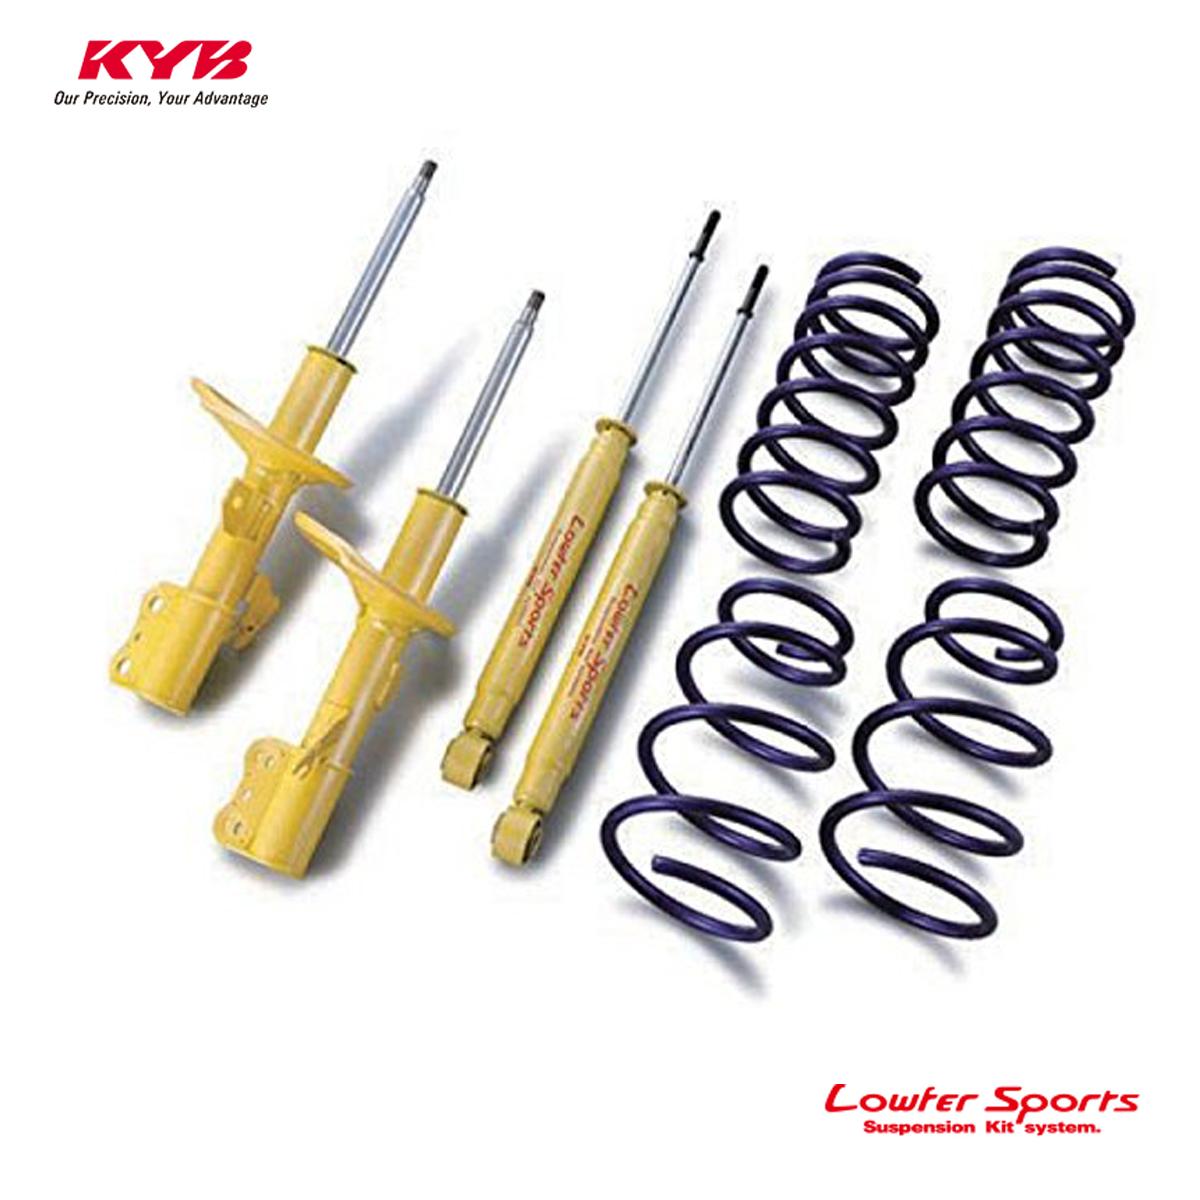 KYB カヤバ ムーヴキャンバス LA810S ショックアブソーバー サスペンションキット セット LOWFER SPORTS KIT LKIT-LA810S 配送先条件有り